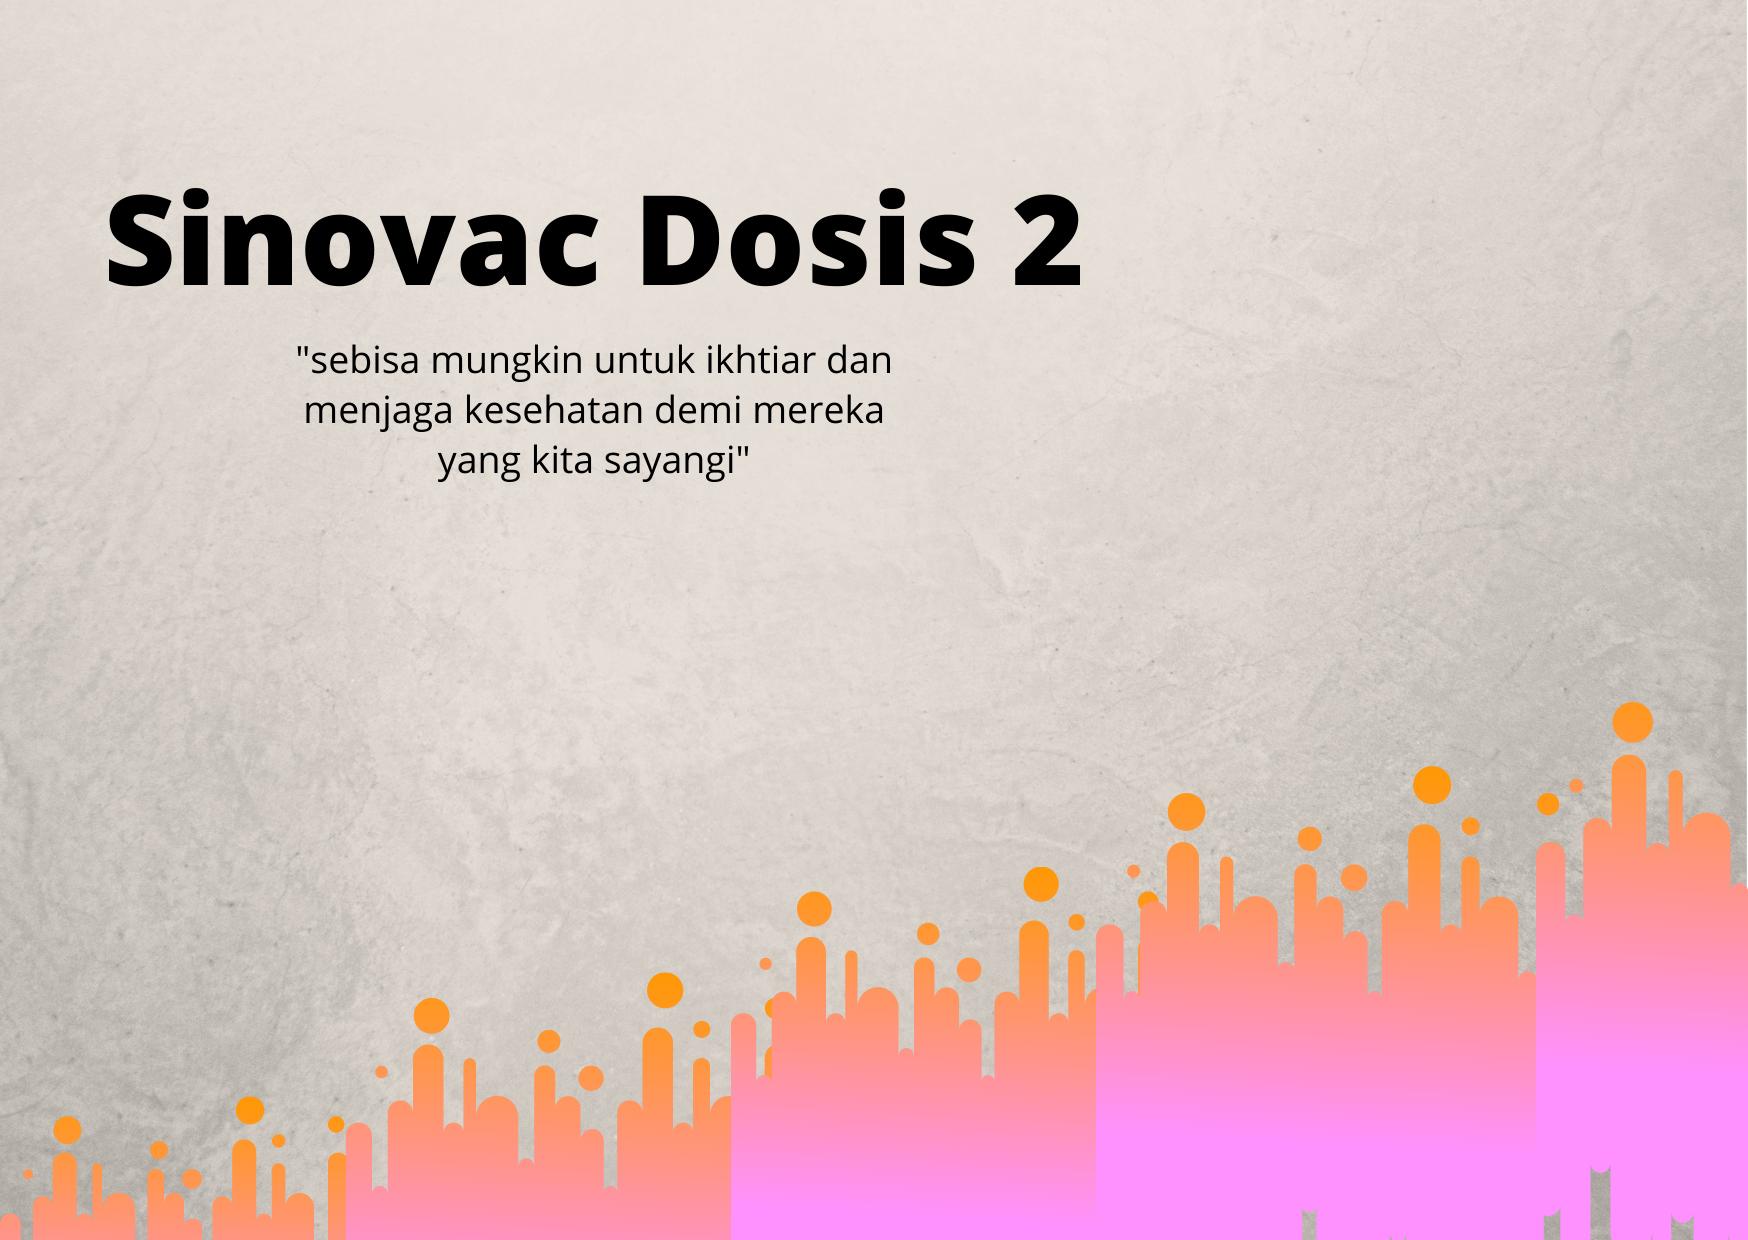 Dosis Sinovac ke-2